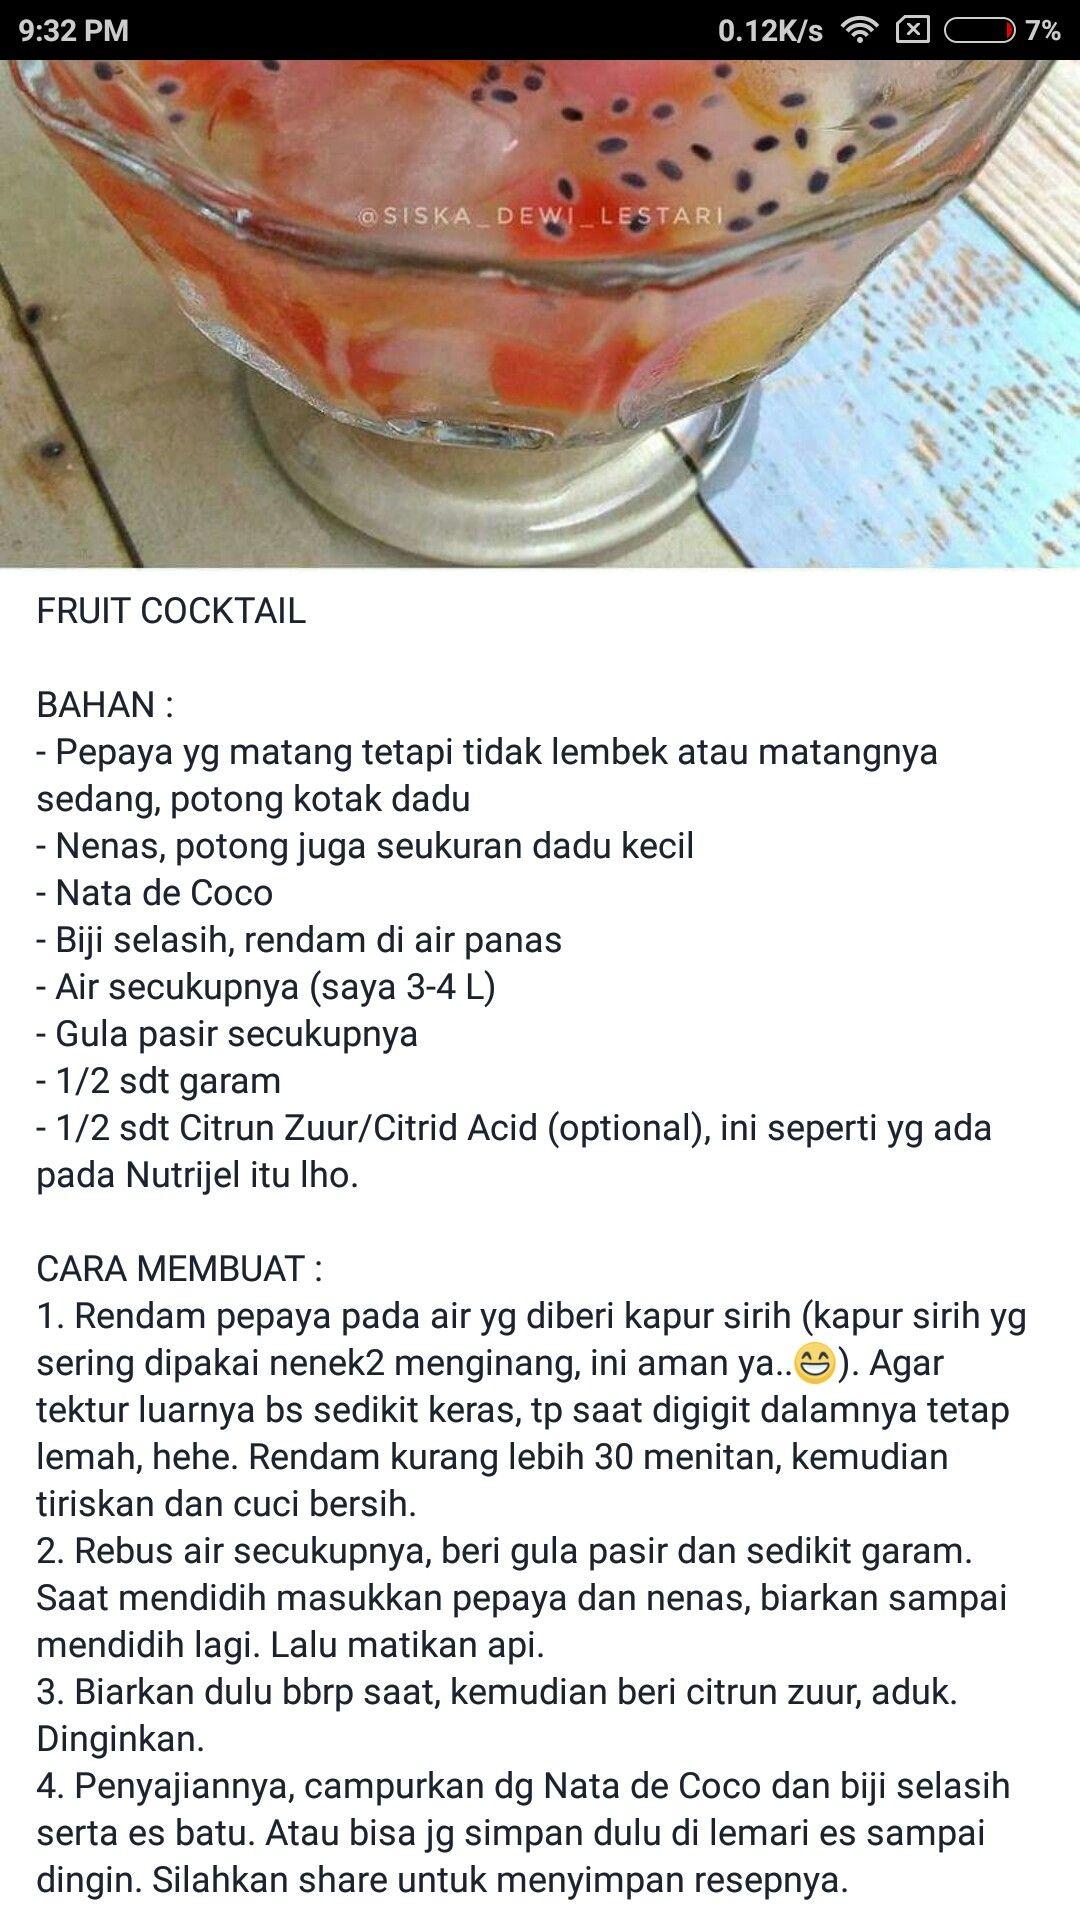 Fruit Cocktail Makanan Resep Masakan Resep Minuman